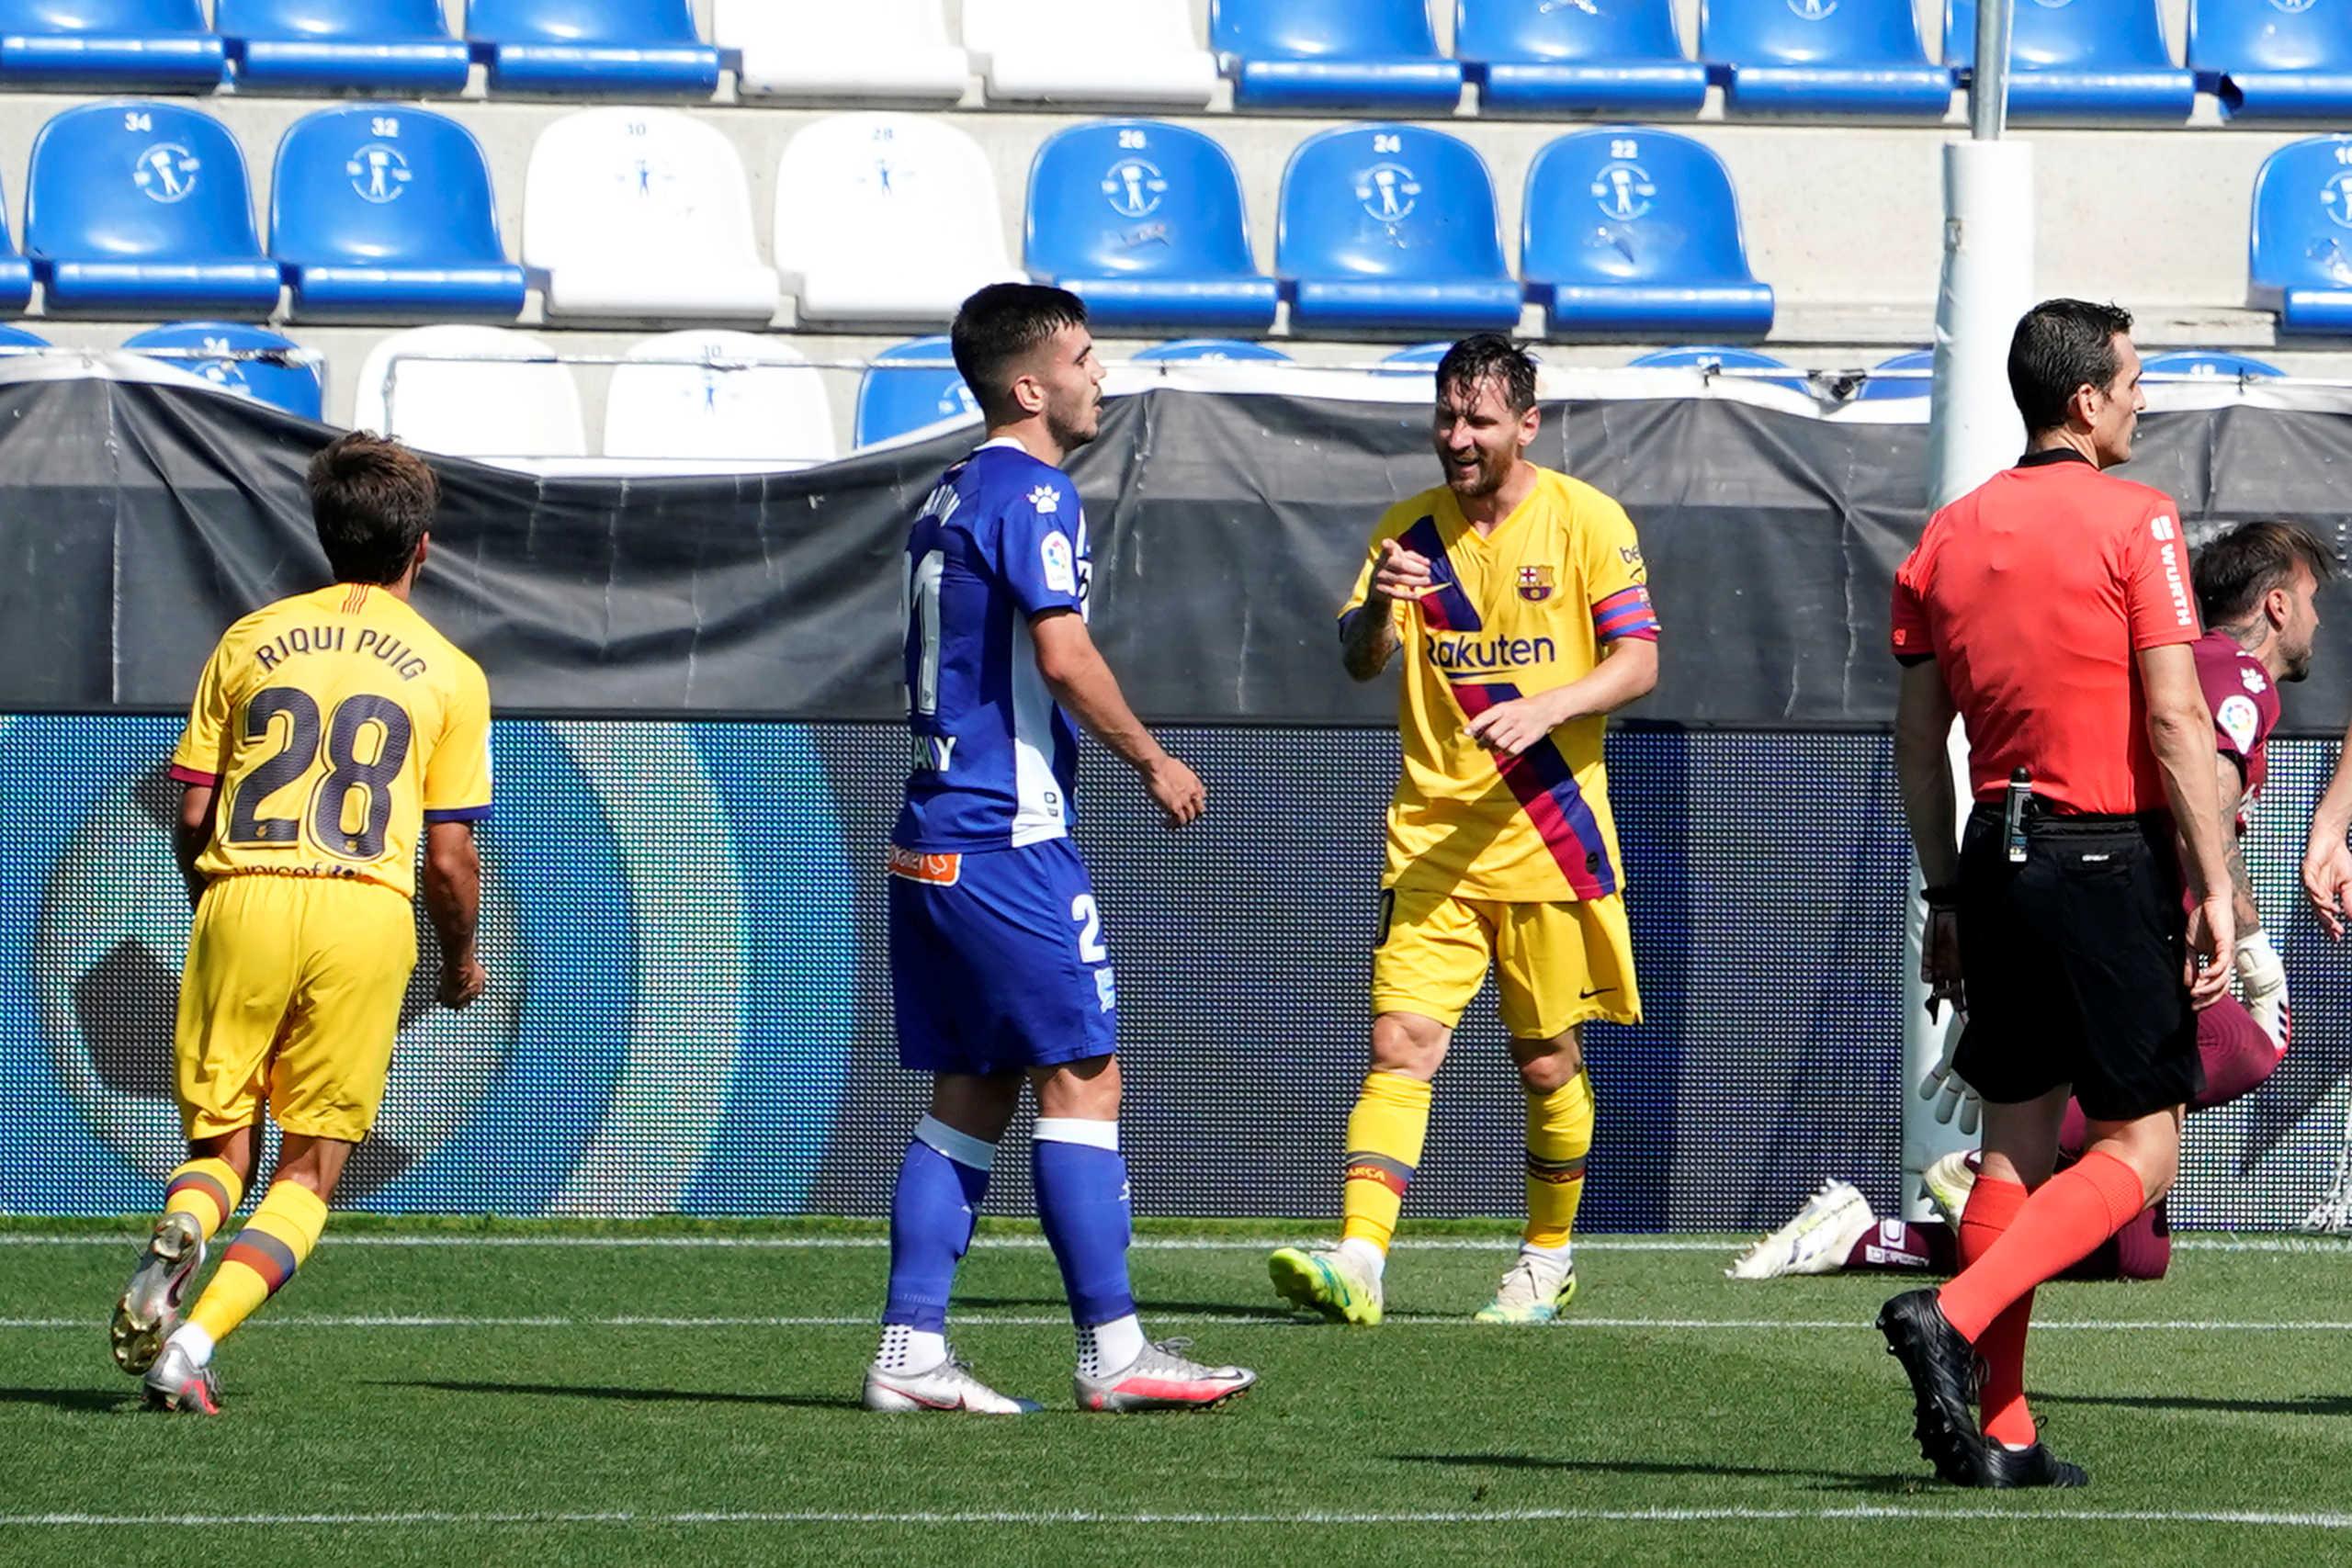 Με νέο ρεκόρ του Μέσι και… τάλιρο η Μπαρτσελόνα ολοκλήρωσε τη σεζόν στη La Liga (video)